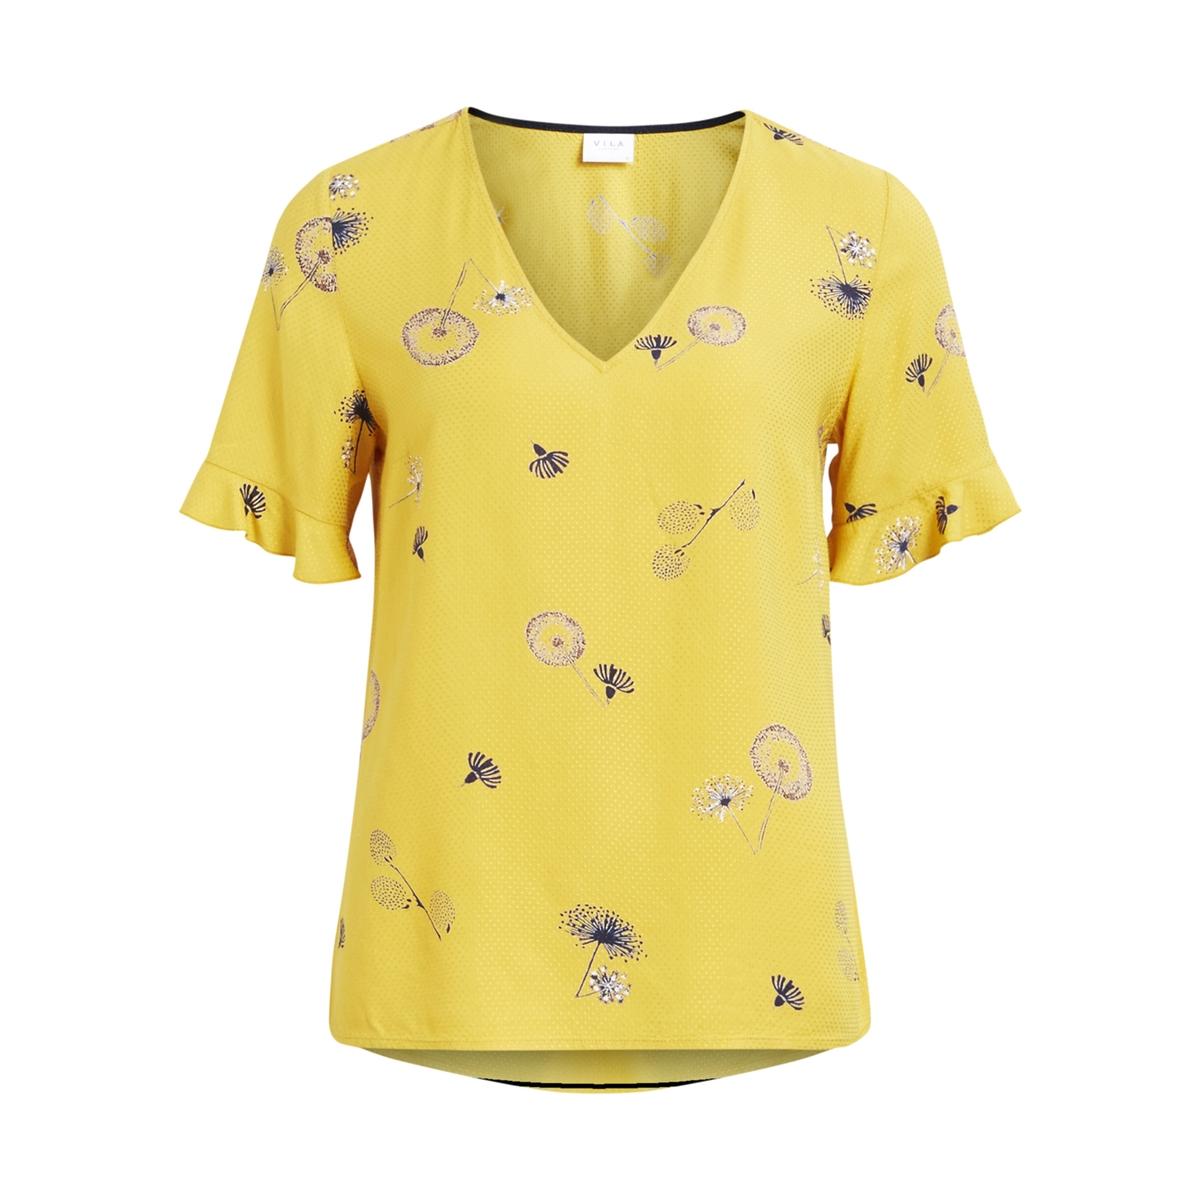 Блузка с V-образным вырезом, рисунком и короткими рукавамиДетали •  Короткие рукава •   V-образный вырез •  Рисунок-принтСостав и уход •  100% вискоза •  Следуйте советам по уходу, указанным на этикетке<br><br>Цвет: желтый шафран<br>Размер: M